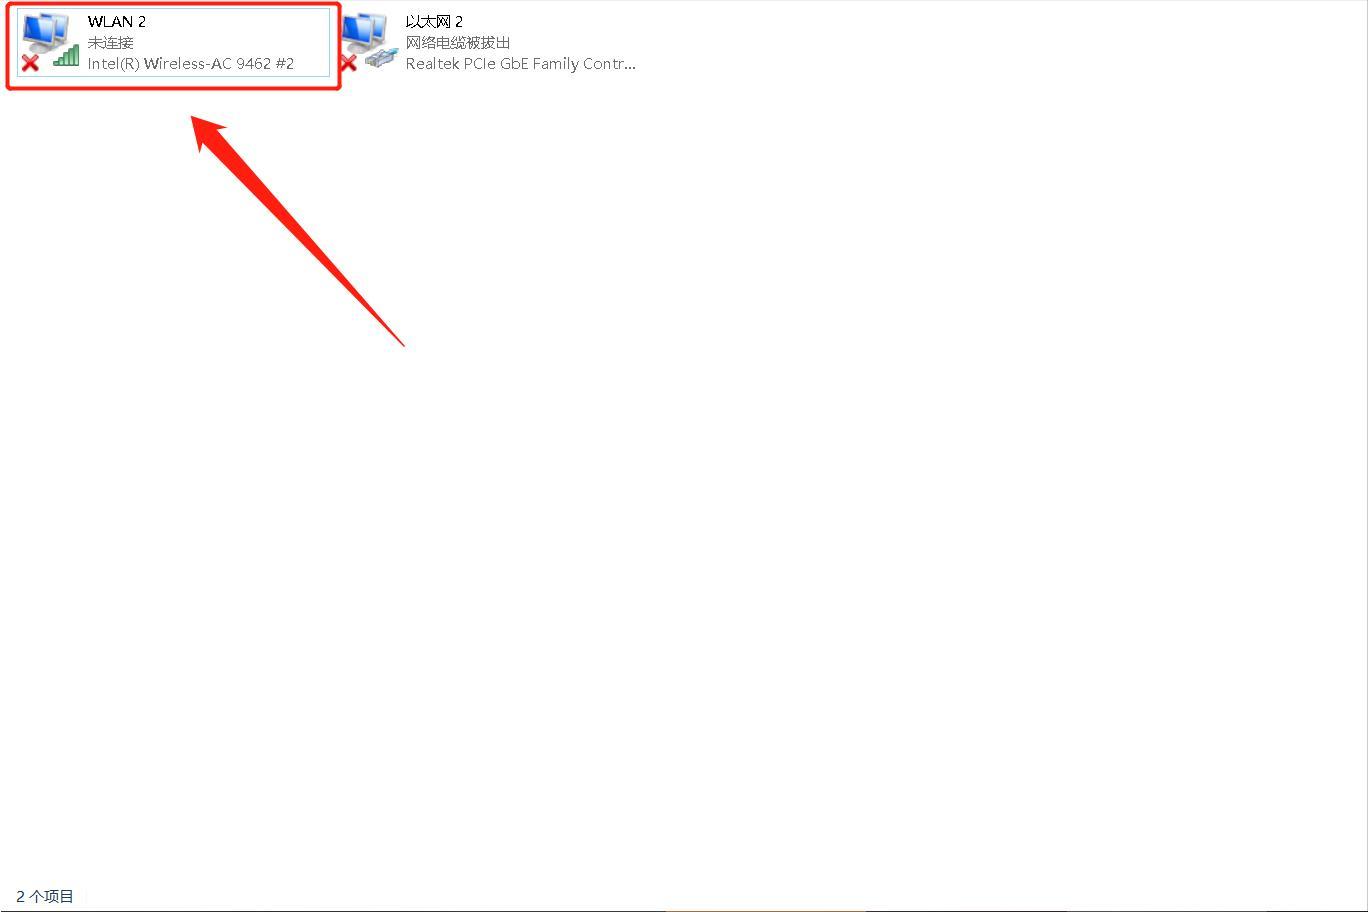 笔记本电脑网络连接显示红叉(win7右下角红x不能上网)